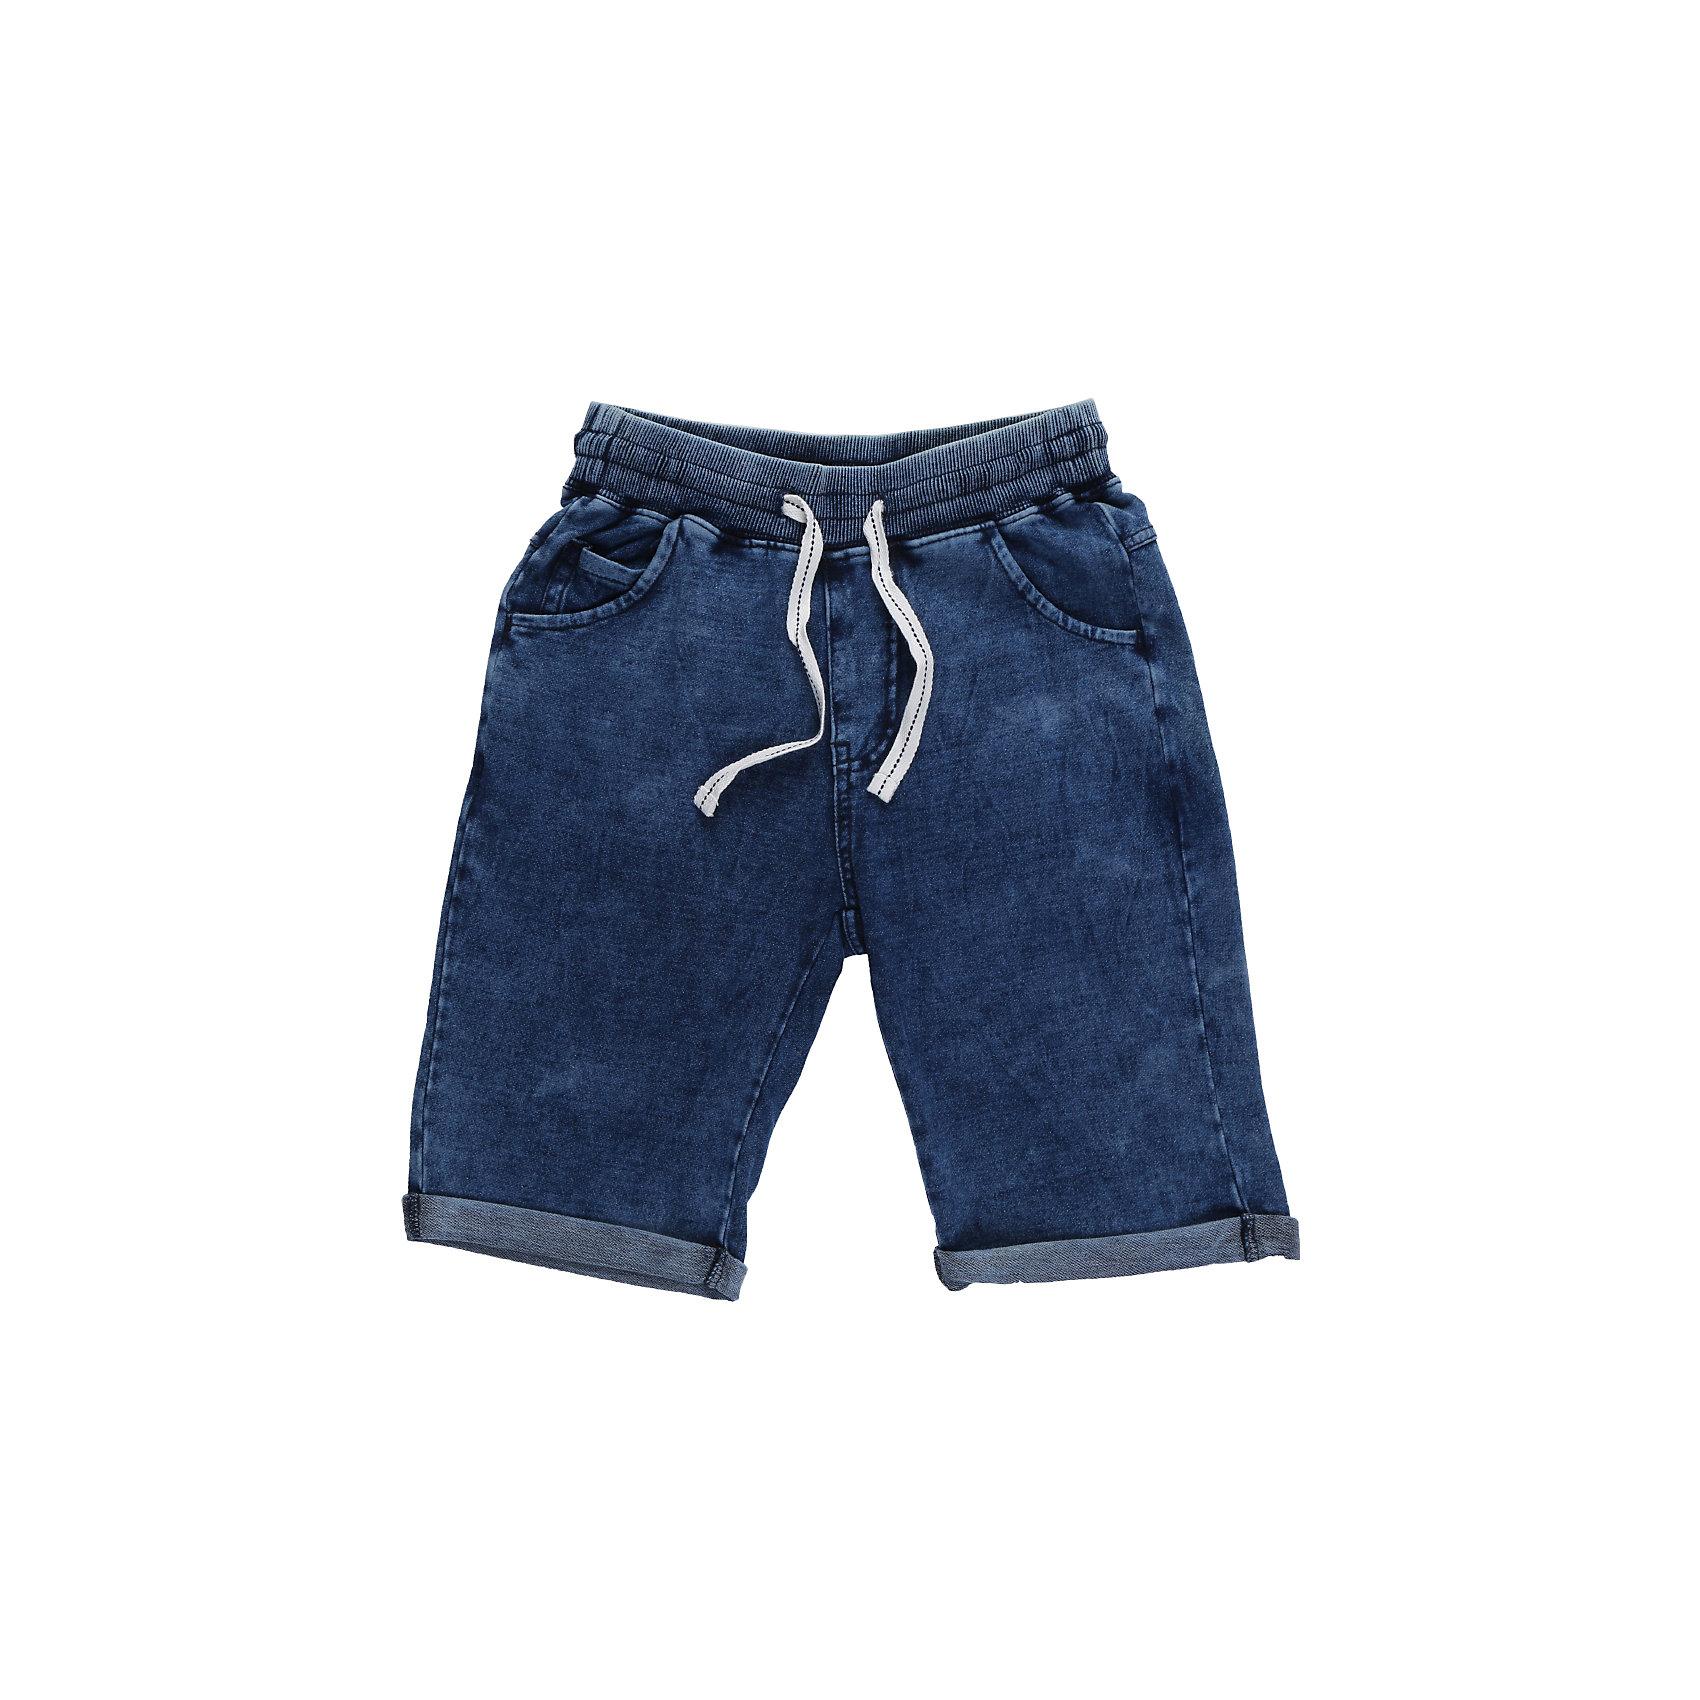 Шорты джинсовые для мальчика LuminosoШорты, бриджи, капри<br>Комфортные трикотажные шорты, имитирующие вываренную джинсу. Подходят для активных занятий или летних прогулок на свежем воздухе. На поясе имеется широкая резинка и контрастный белый шнурок. Низ выполнен с подворотами. По бокам предусмотрены врезные карманы.<br>Состав:<br>95%хлопок 5%эластан<br><br>Ширина мм: 191<br>Глубина мм: 10<br>Высота мм: 175<br>Вес г: 273<br>Цвет: синий<br>Возраст от месяцев: 120<br>Возраст до месяцев: 132<br>Пол: Мужской<br>Возраст: Детский<br>Размер: 146,134,140,152,158,164<br>SKU: 5409510